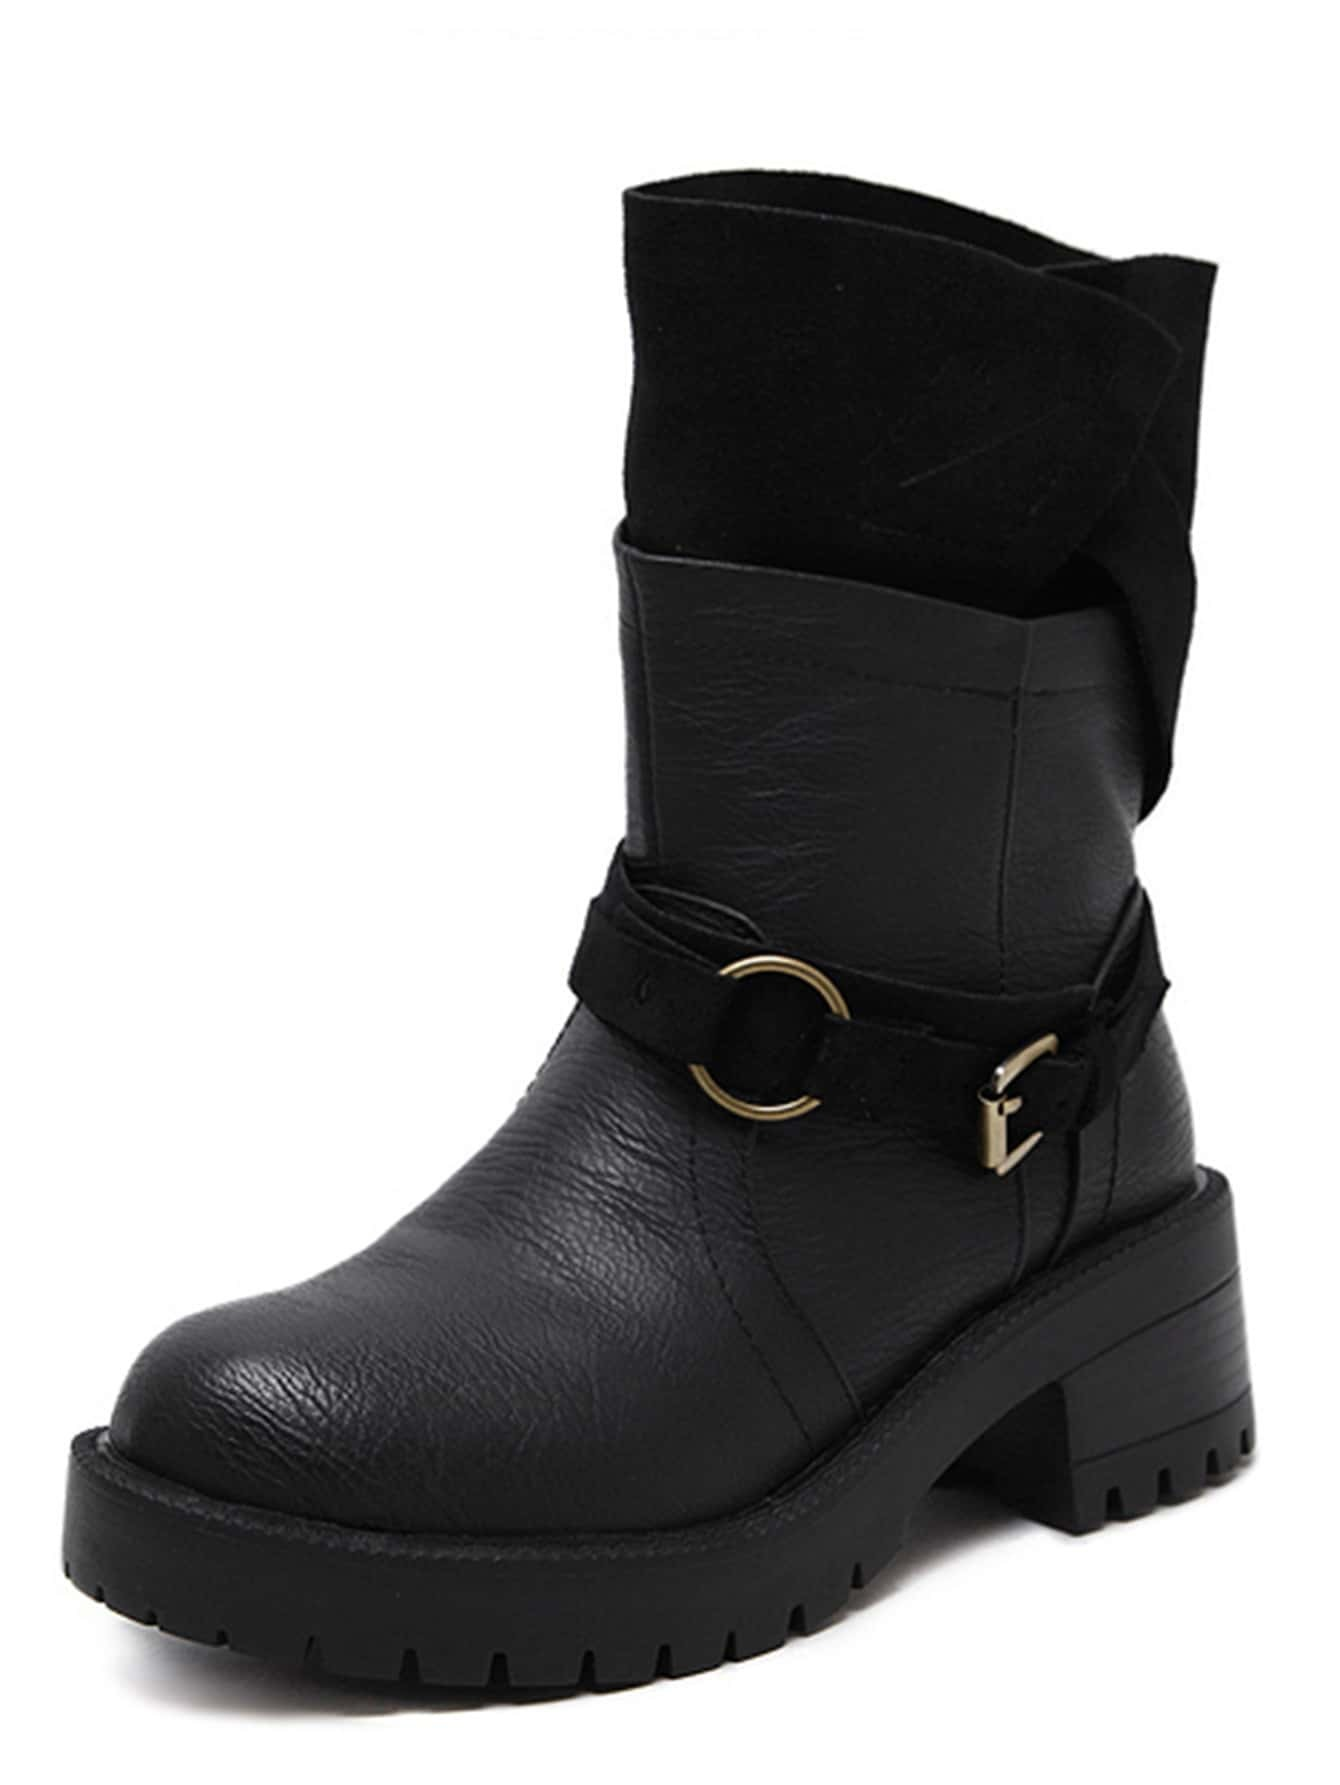 shoes161031813_2